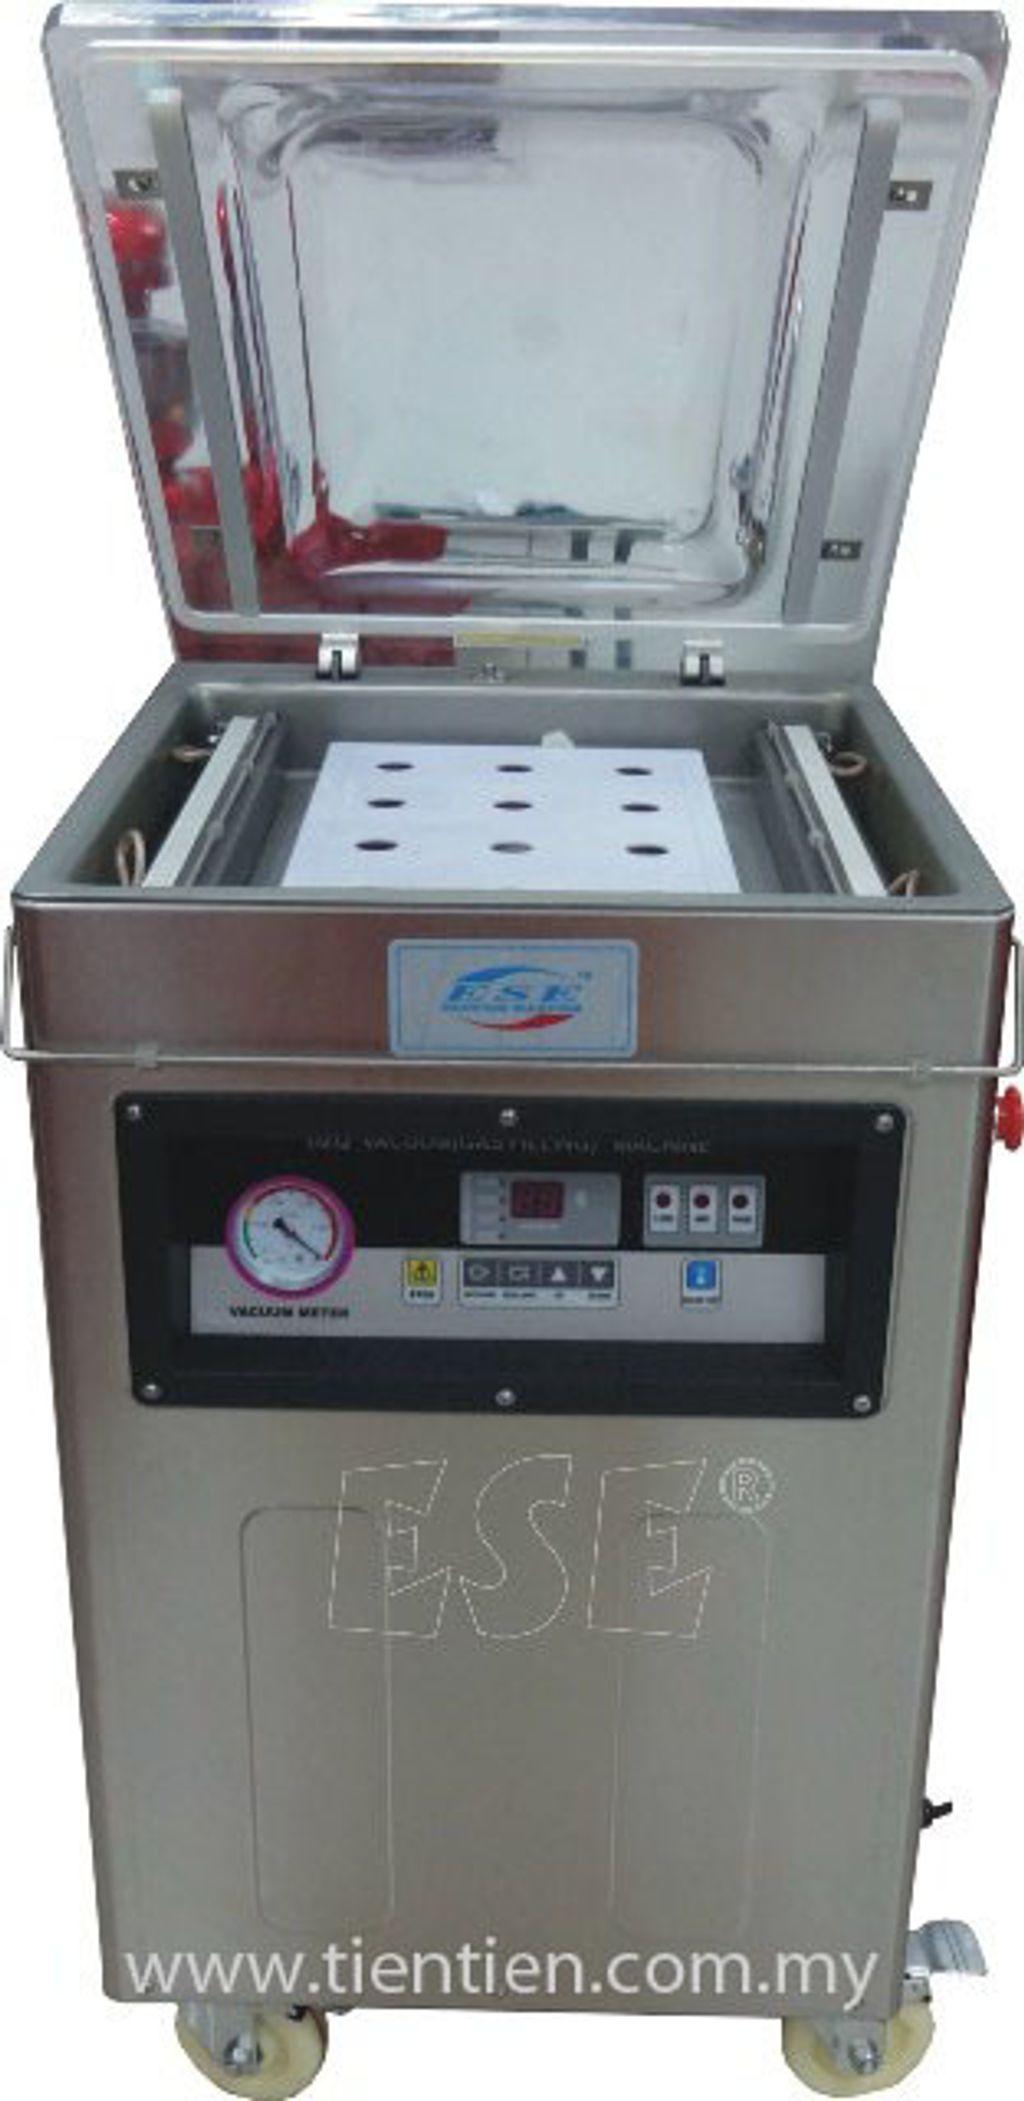 Vacuum Sealing DZ400.jpg